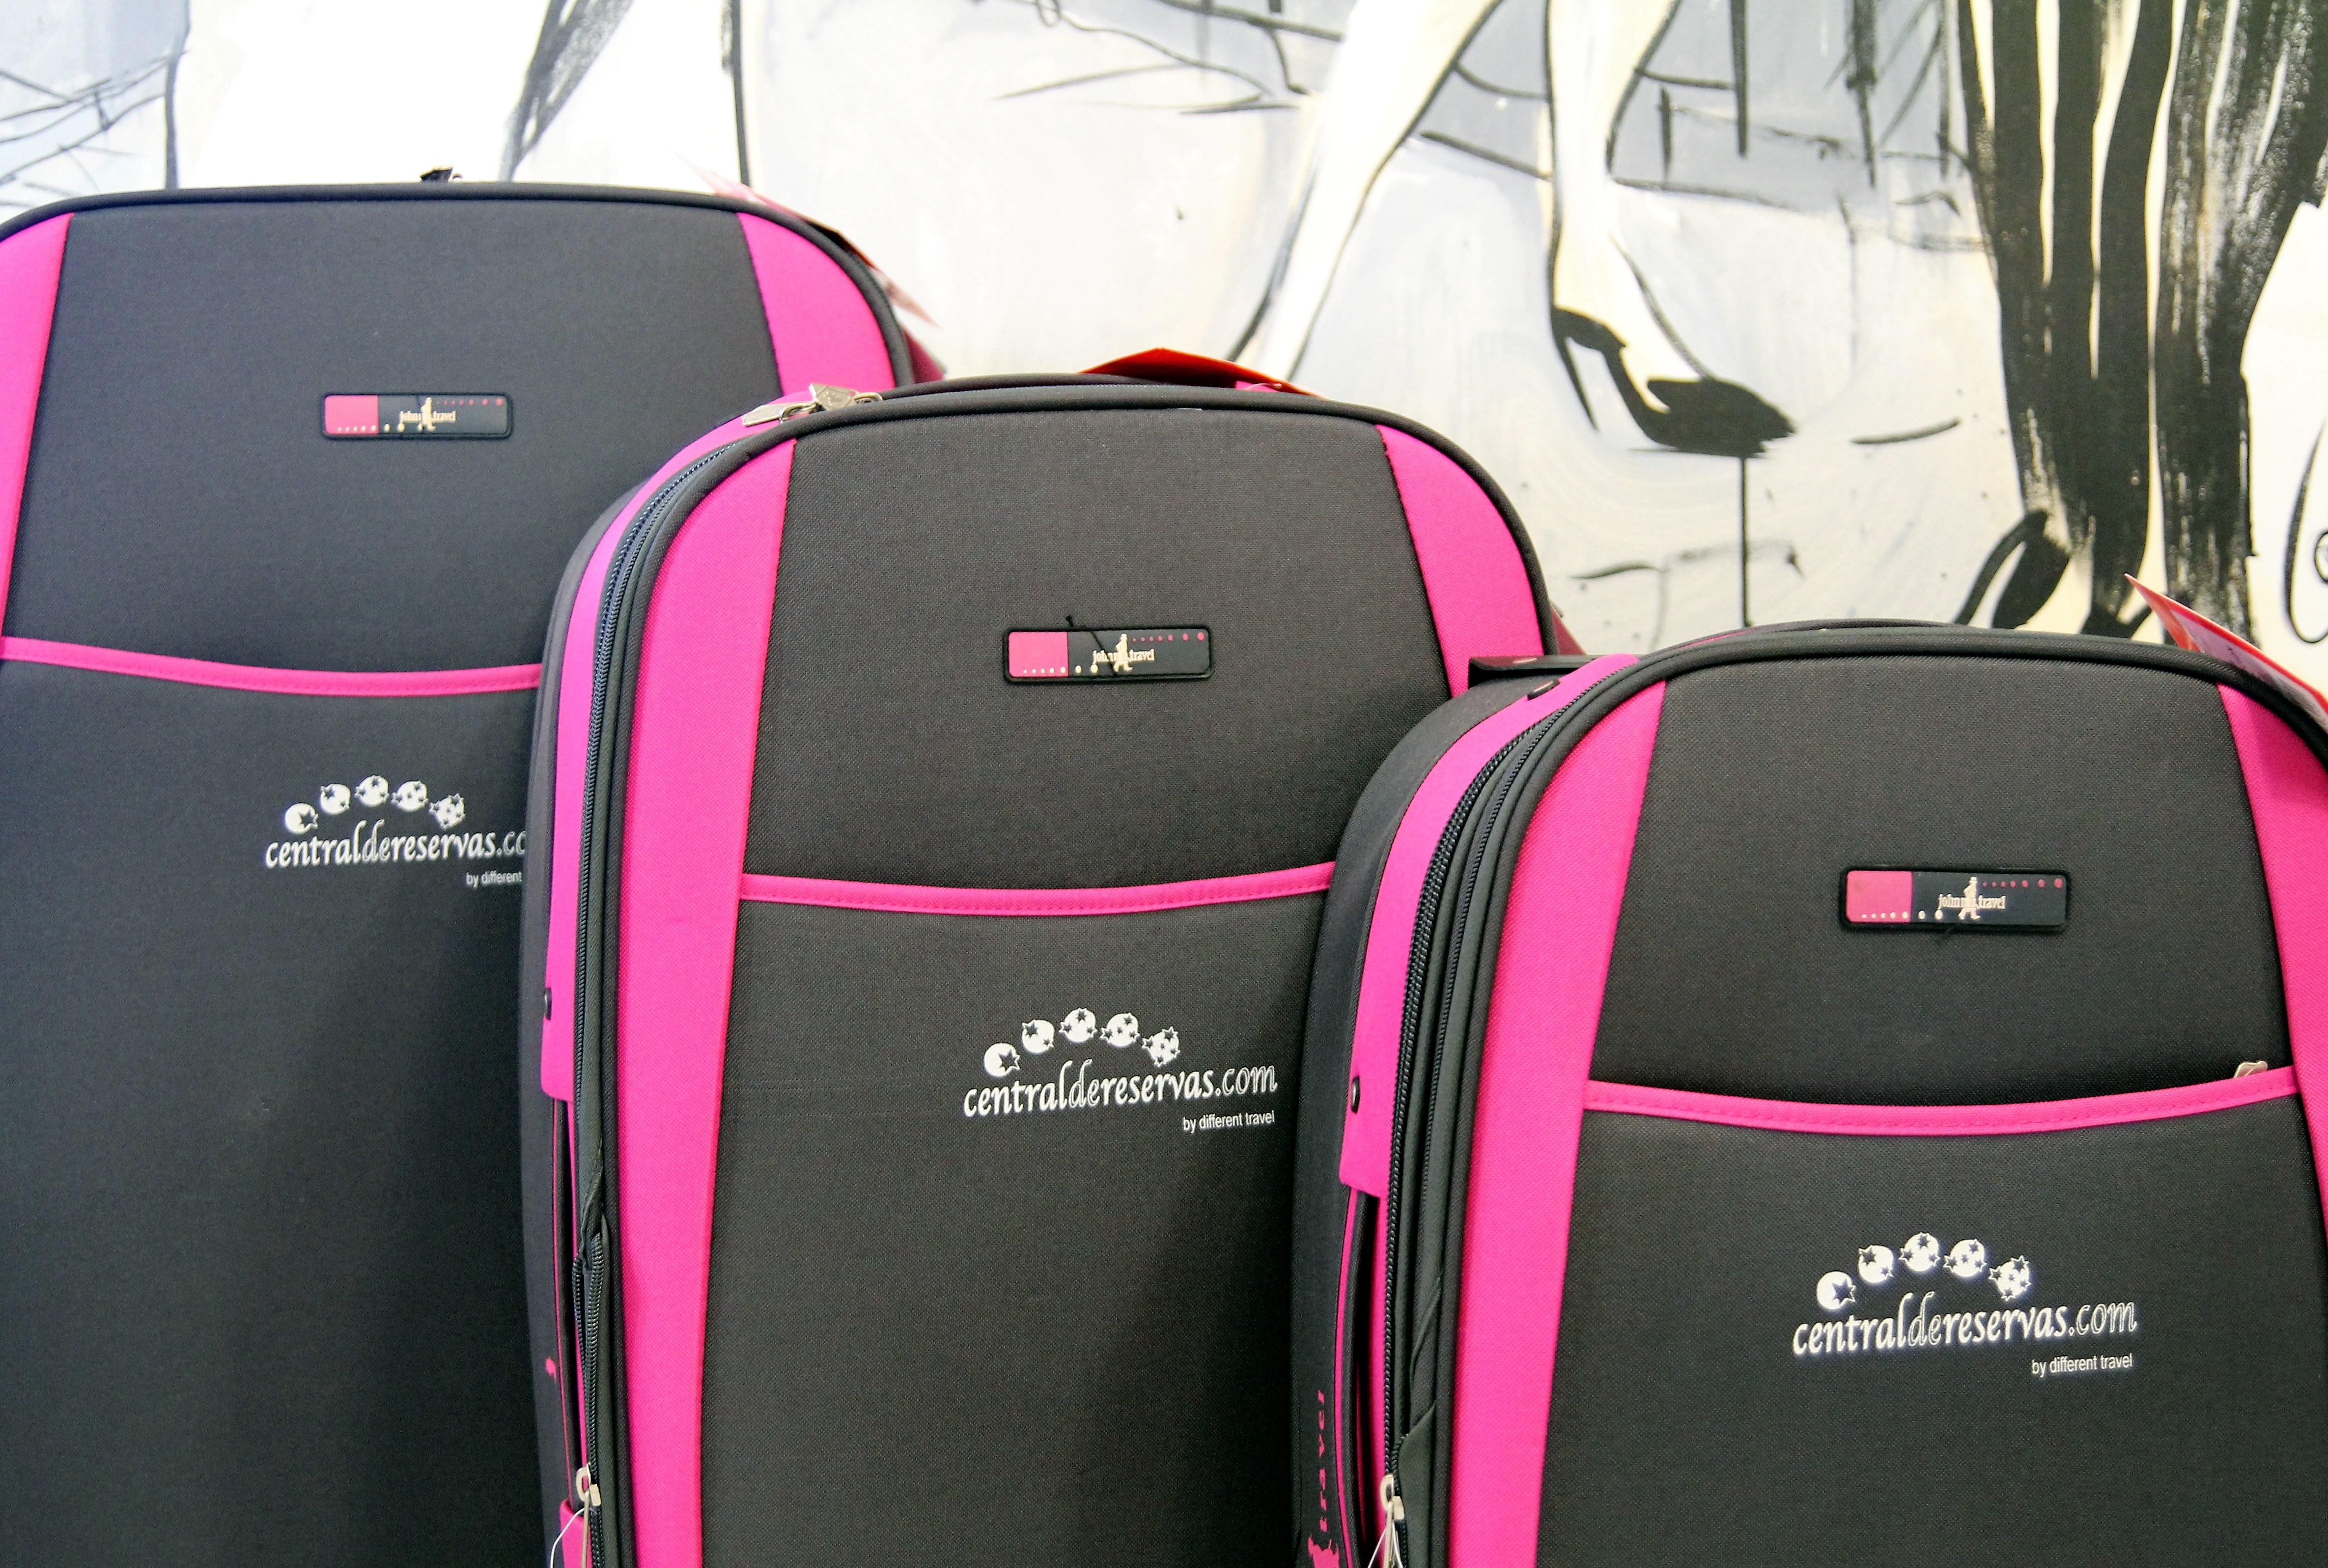 263a3db4f Qué hacer si te pierden la maleta en el aeropuerto - Blog ...